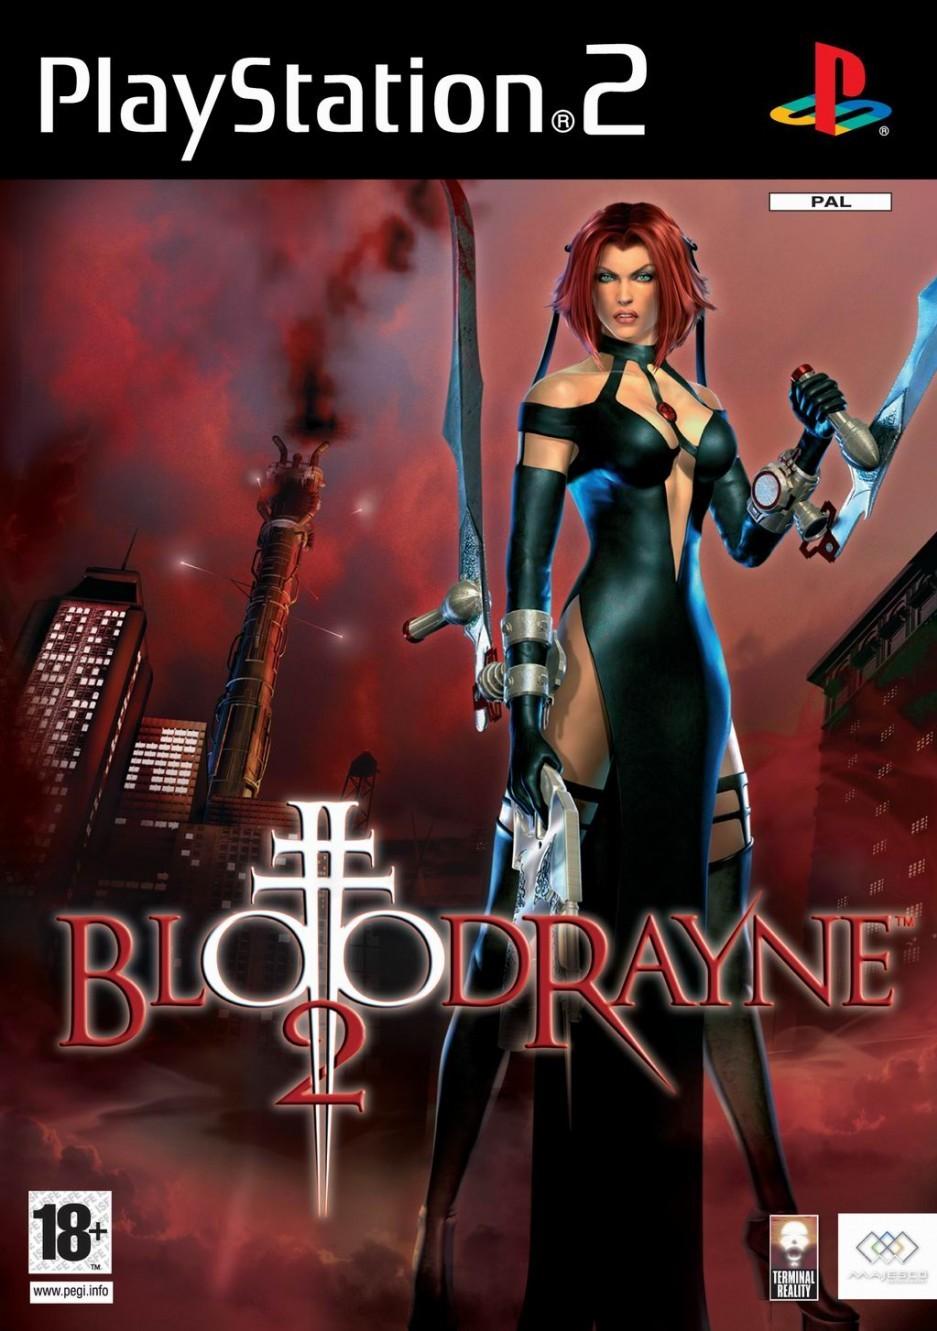 bloodrayne 2 komplettlösung